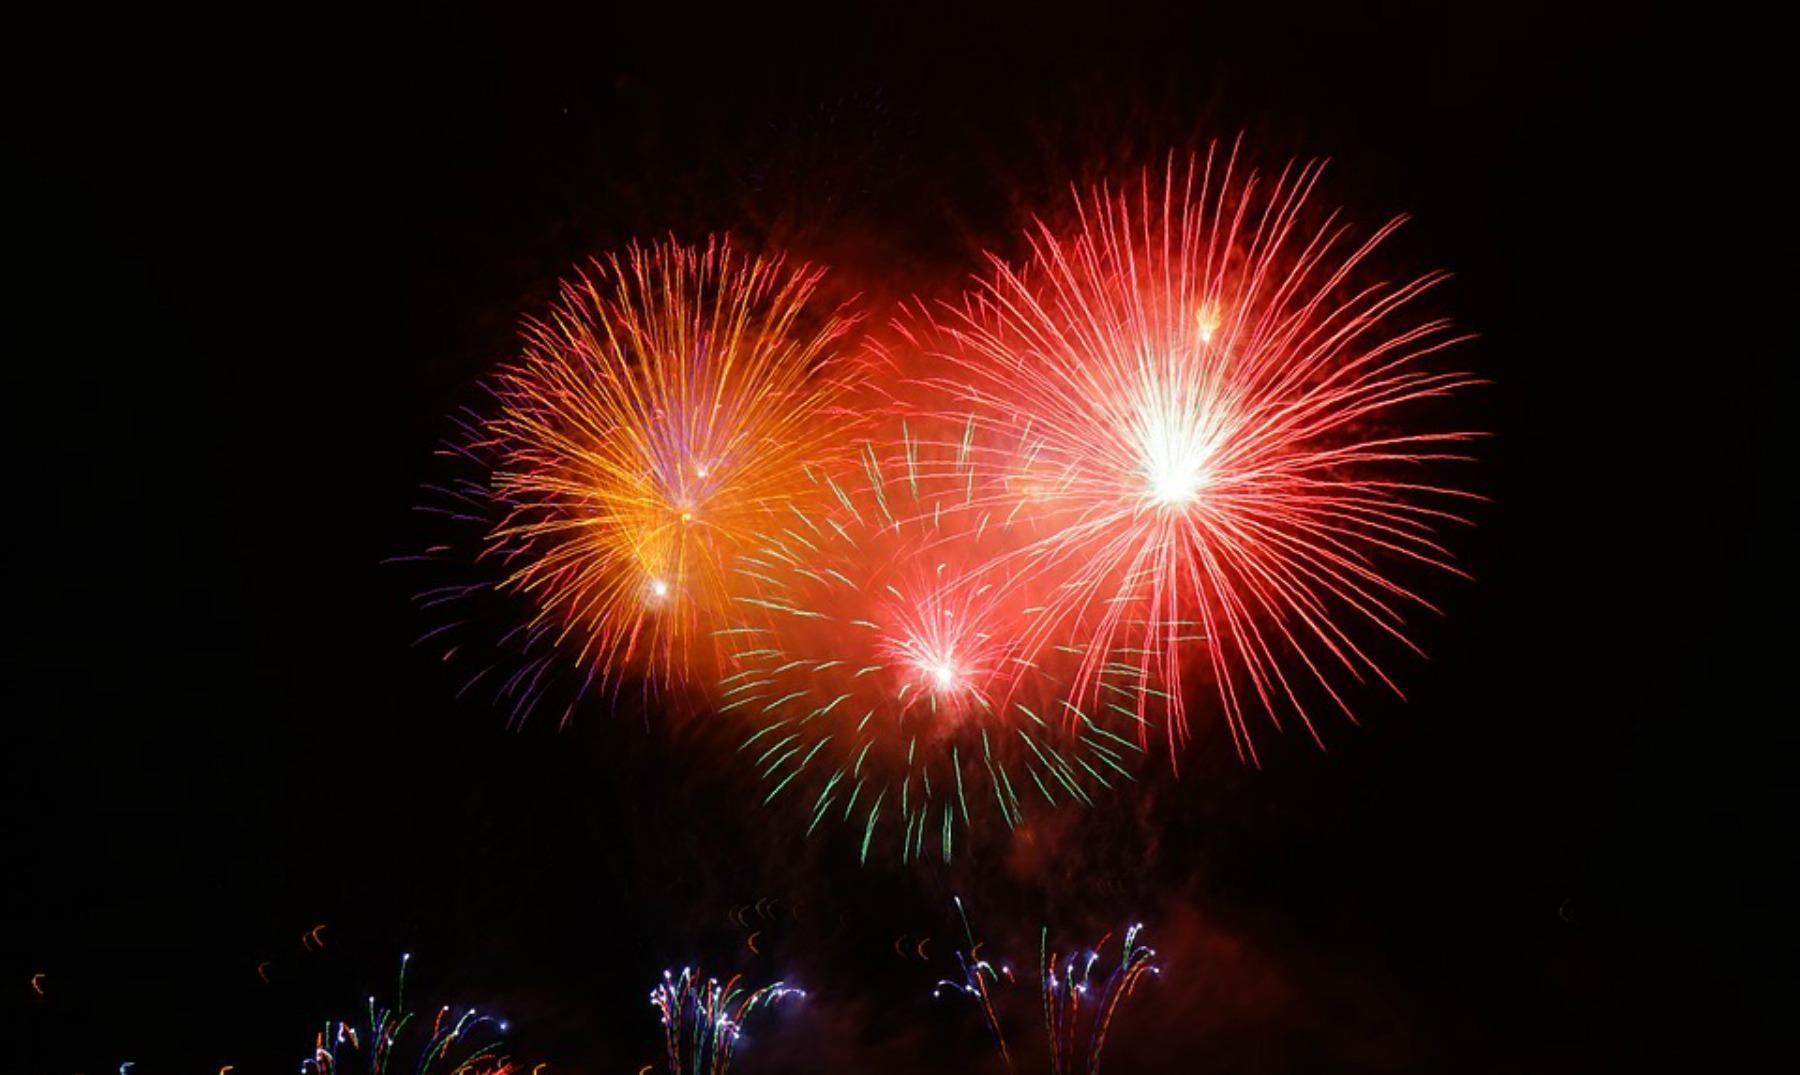 60 Frases De Fin De Año 365 Nuevas Oportunidades Con